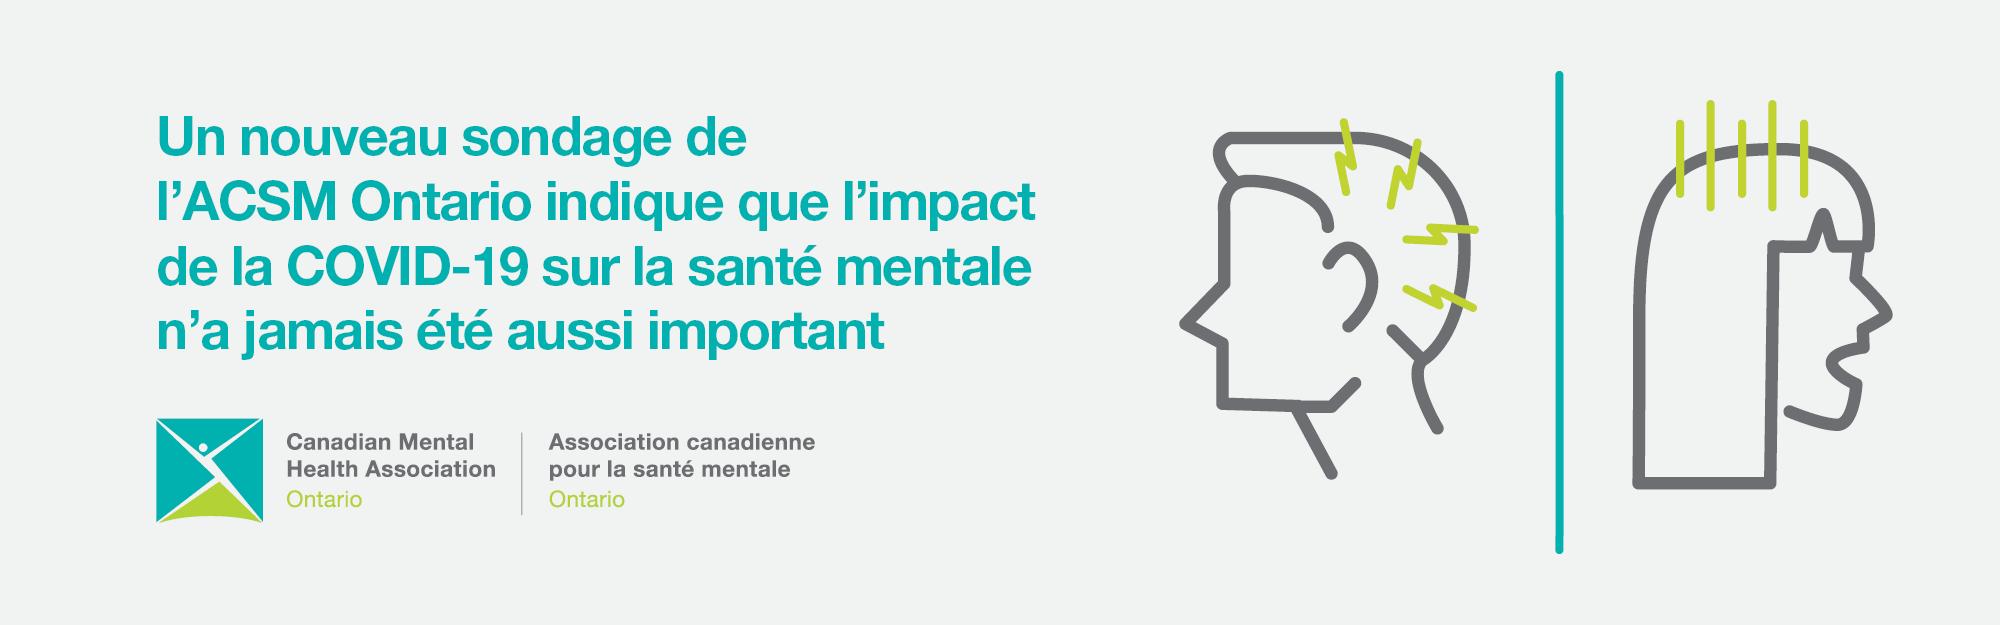 Le troisième sondage de la série de l'ACSM Ontario indique que l'impact de la COVID-19 sur la santé mentale n'a jamais été aussi important